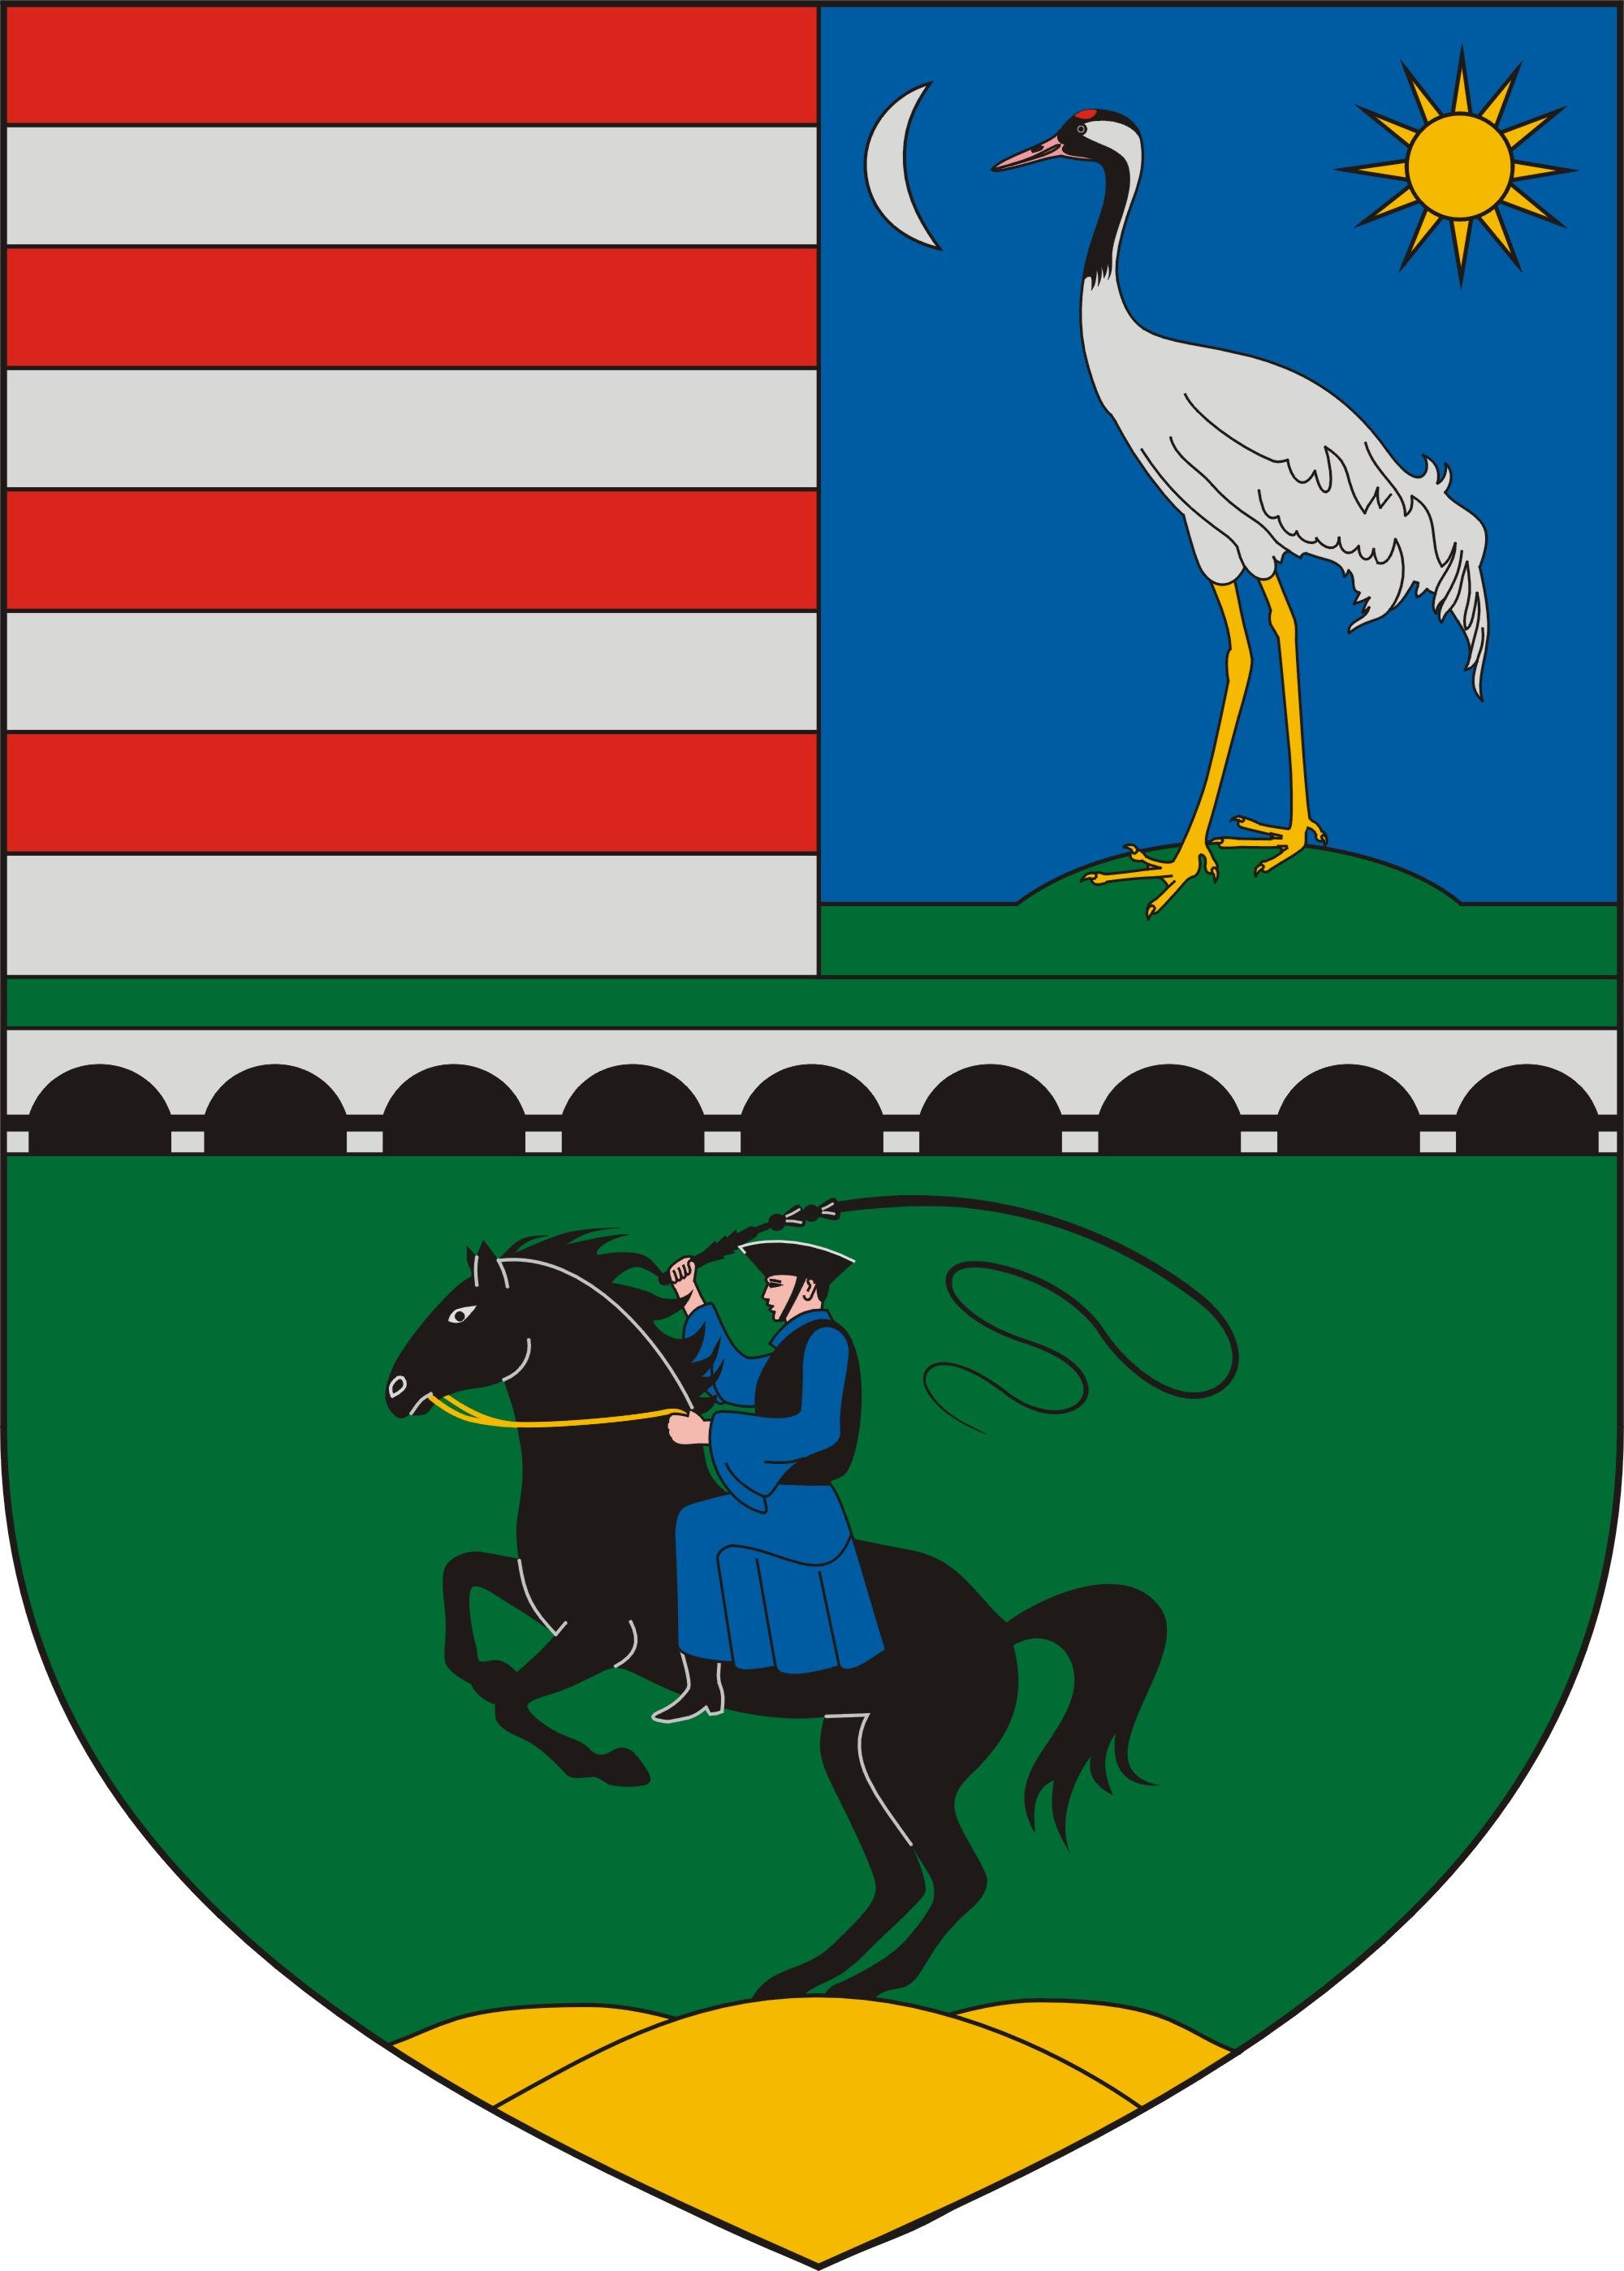 Ezen a címeren minden részlet árulkodik: melyik településé lehet?